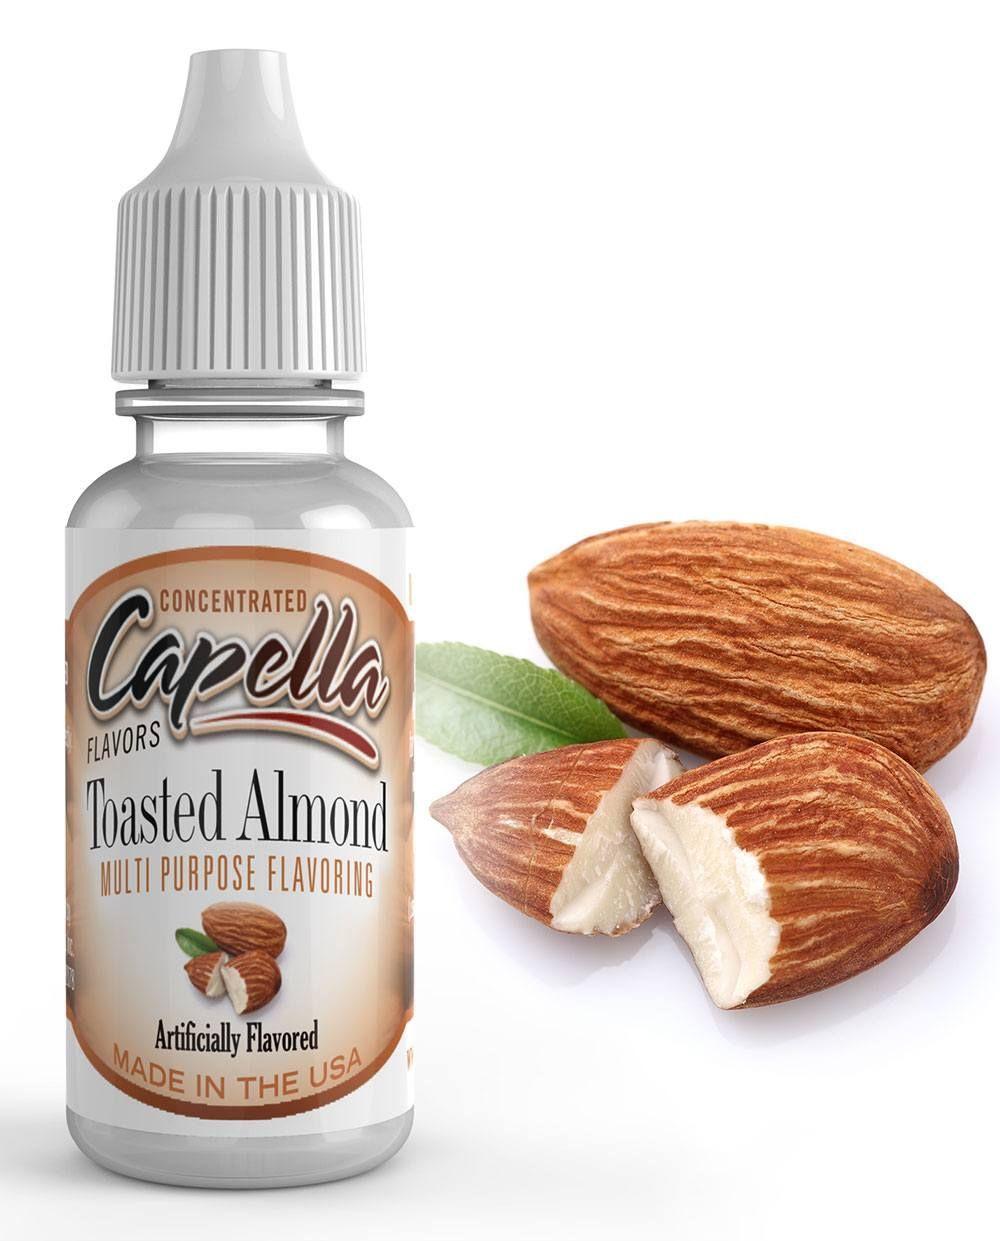 PRAŽENÉ MANDLE / Toasted Almond - Aróma Capella